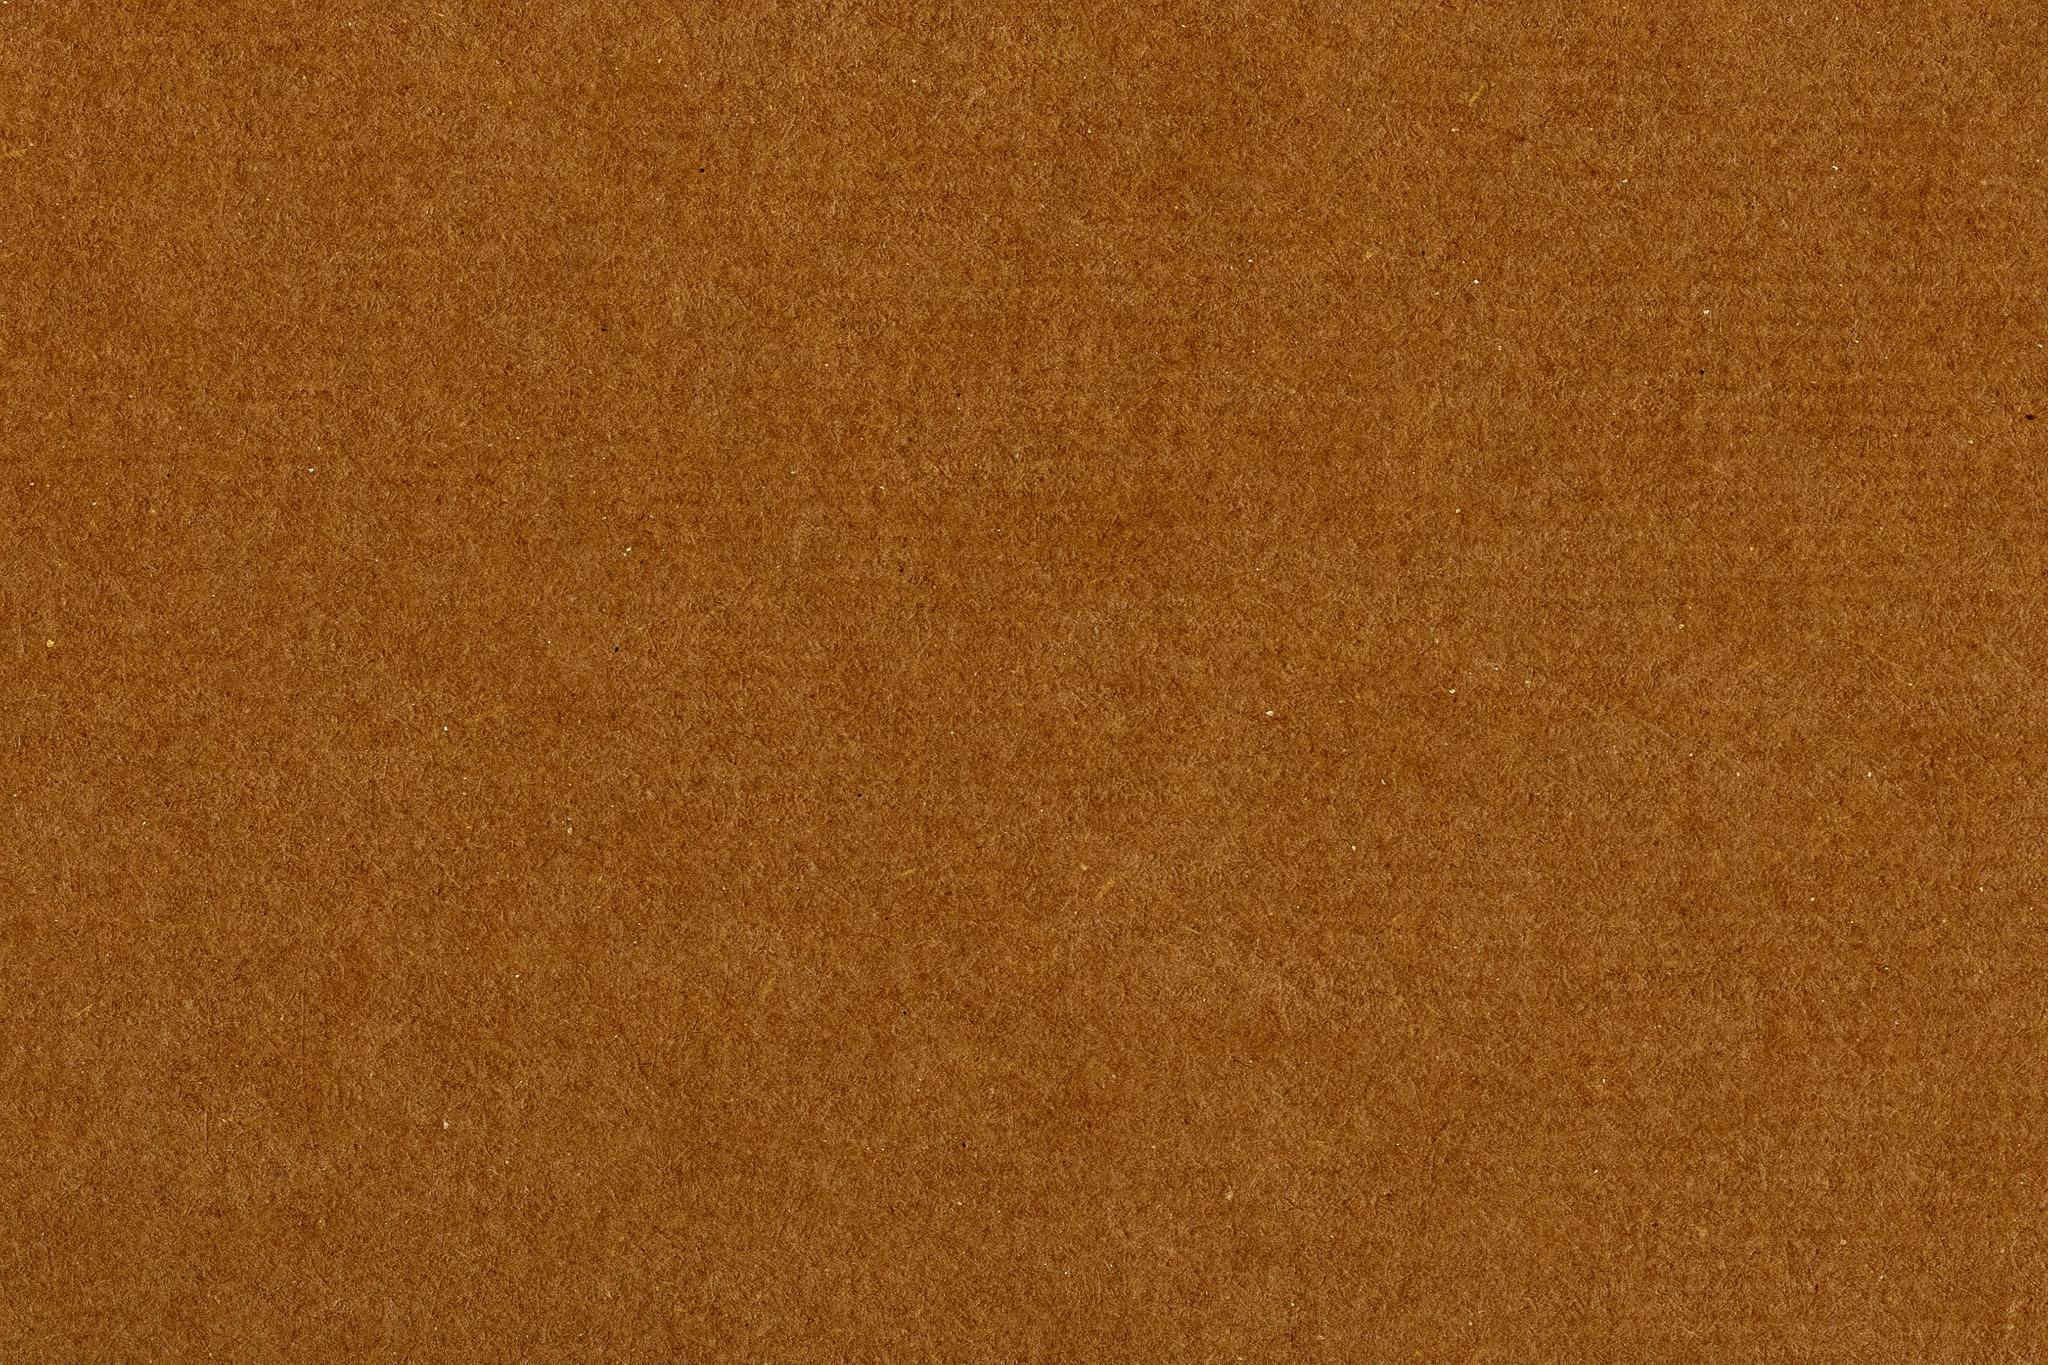 「荒い風合いの茶色い紙」の画像を無料ダウンロード